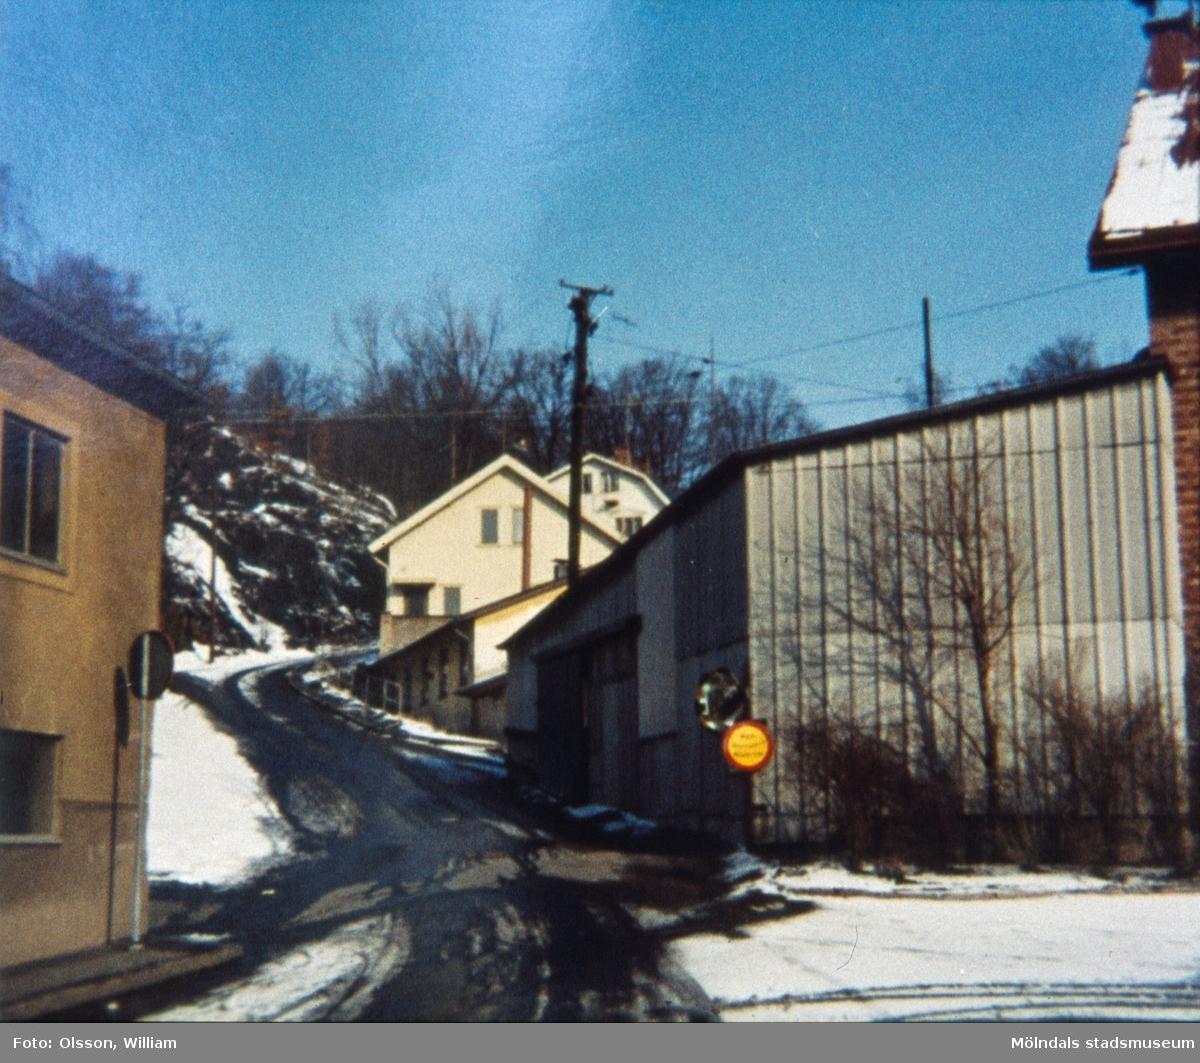 Samuel Norbergsgatan – Friareliden, okänt årtal. En backe svänger åt höger utefter Störtfjället. Fabriksbyggnad ses till vänster och garage samt villor till höger. Elledningar passerar över byggnaderna och det är snö och halka på marken.